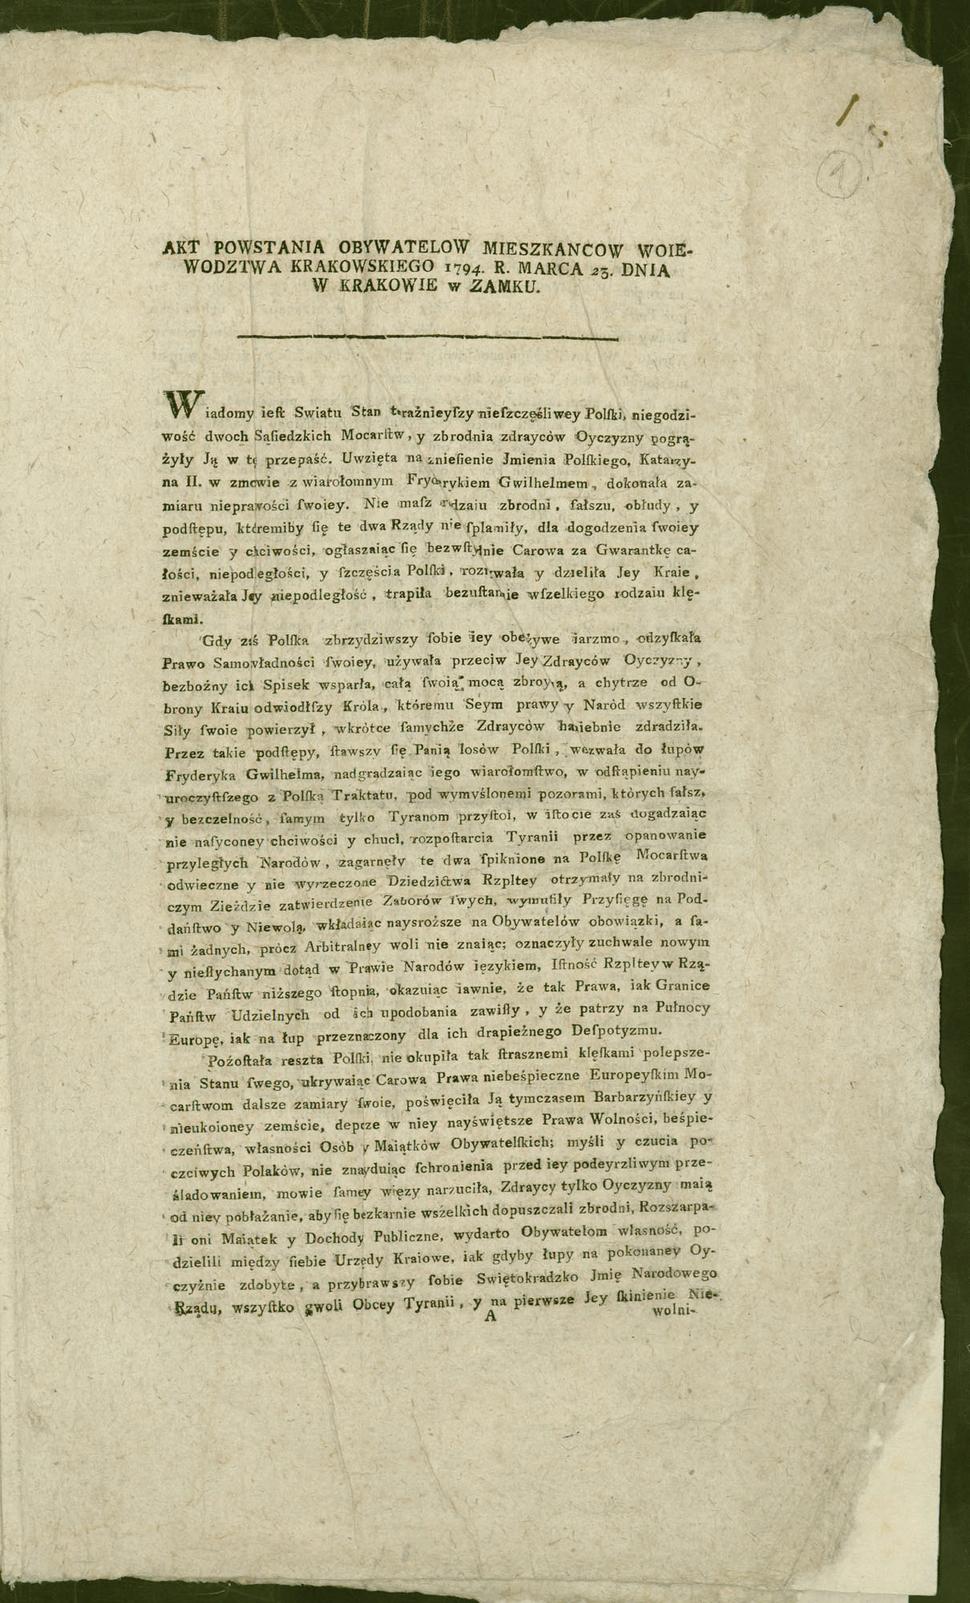 Akt powstania kościuszkowskiego 24 marca 1794